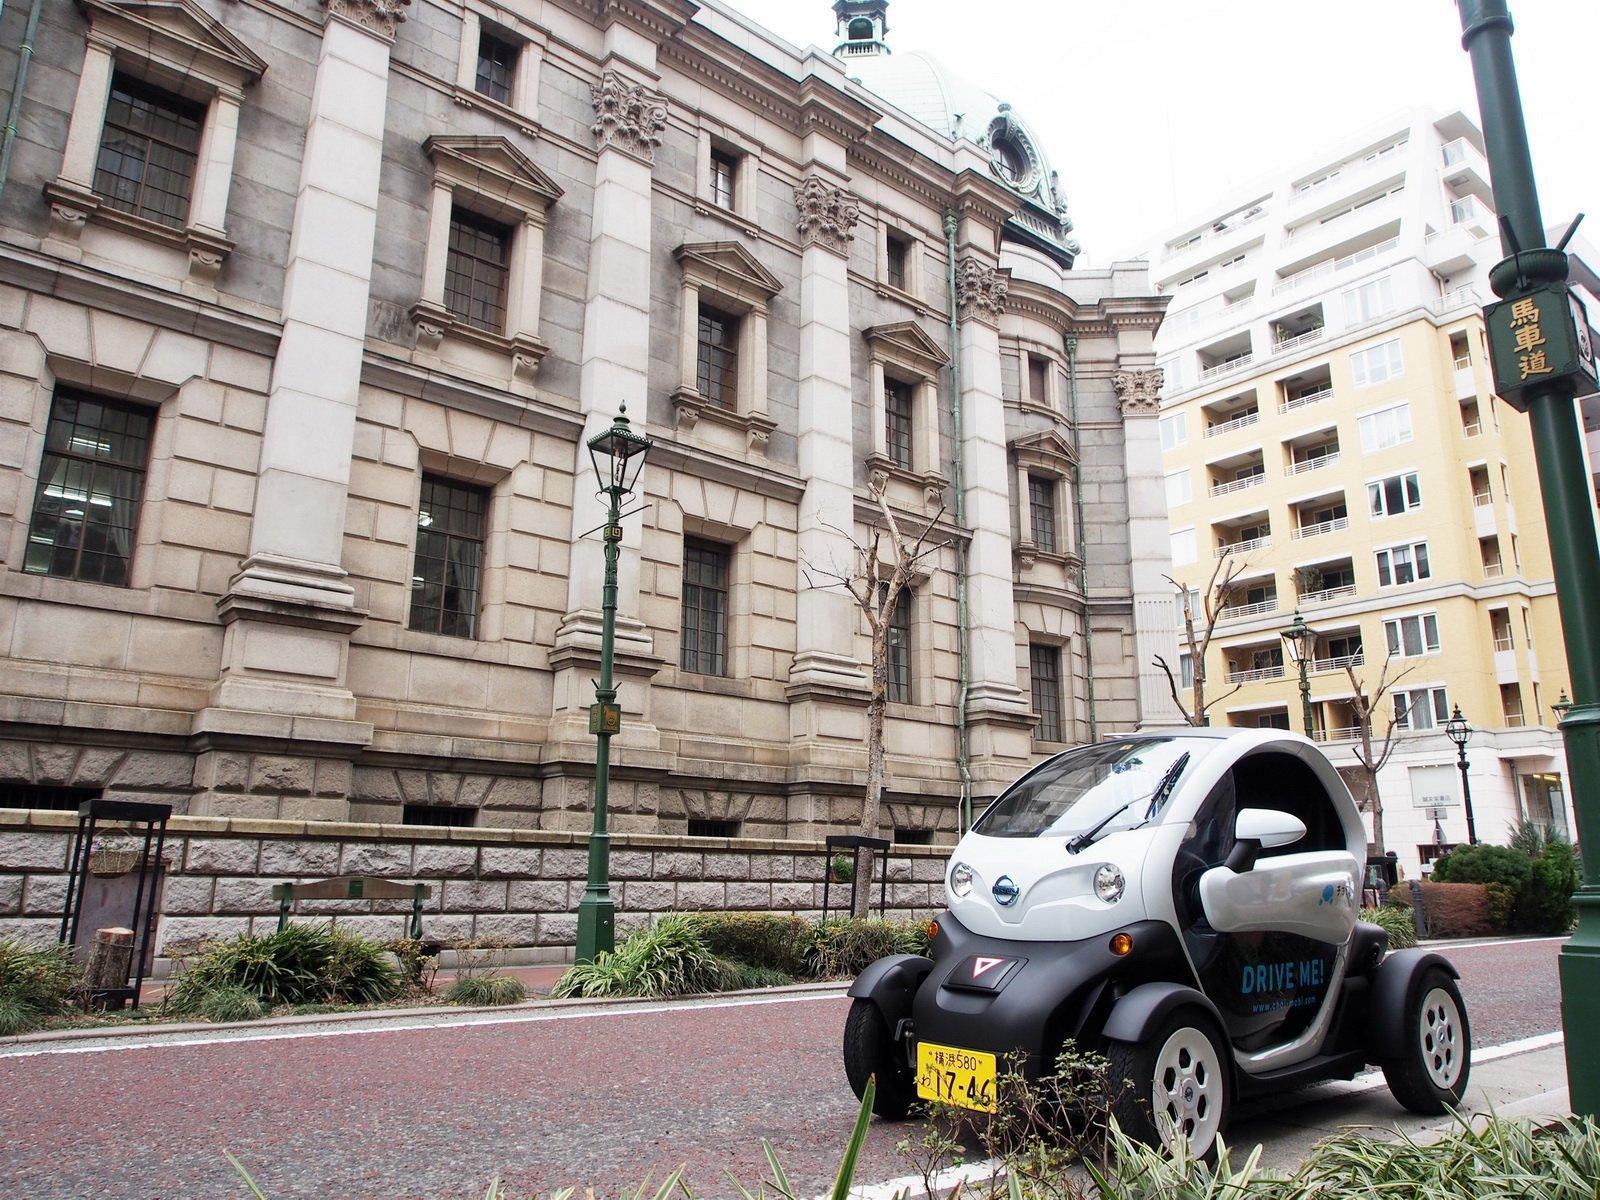 Người Nhật thuê xe ô tô nhưng không lái, mục đích gây choáng Ảnh 1